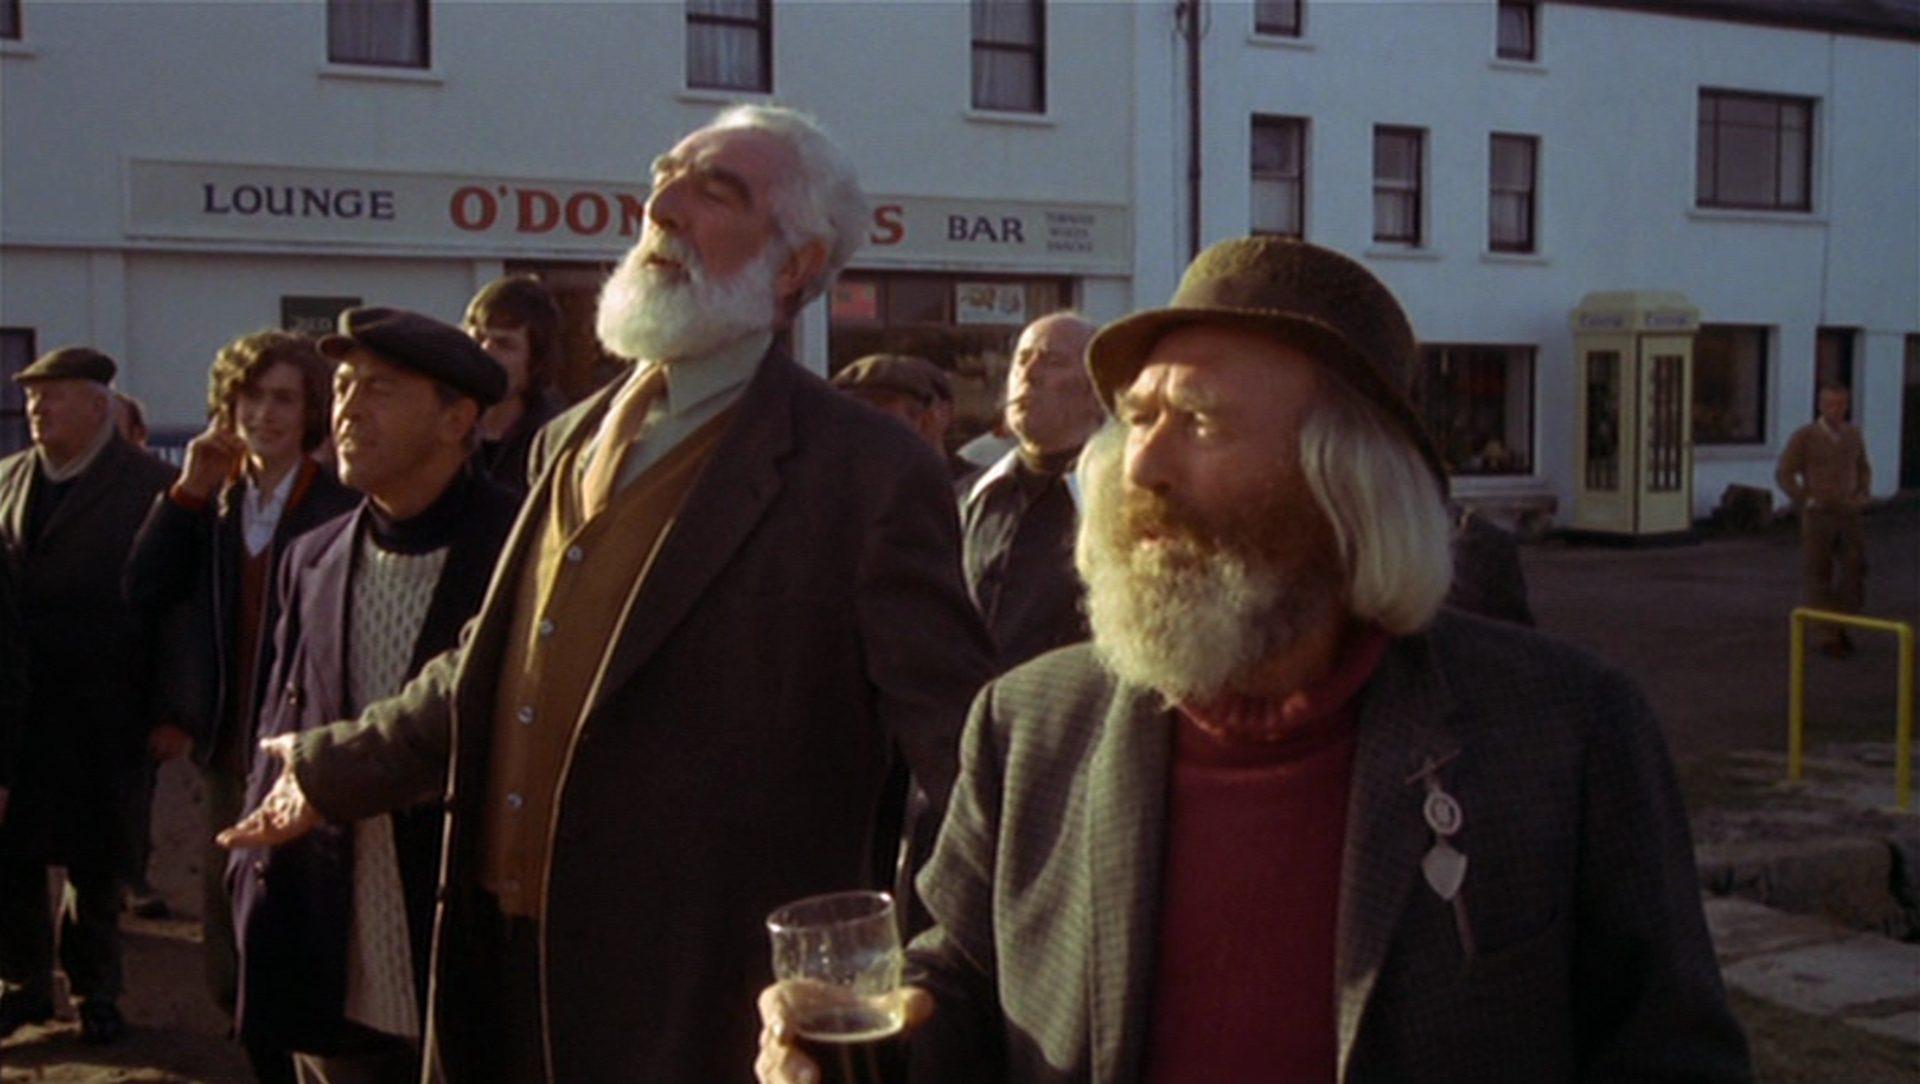 Eine Gruppe größtenteils älterer Dorfbewohner blicken auf etwas außerhalb des Bildausschnitts.